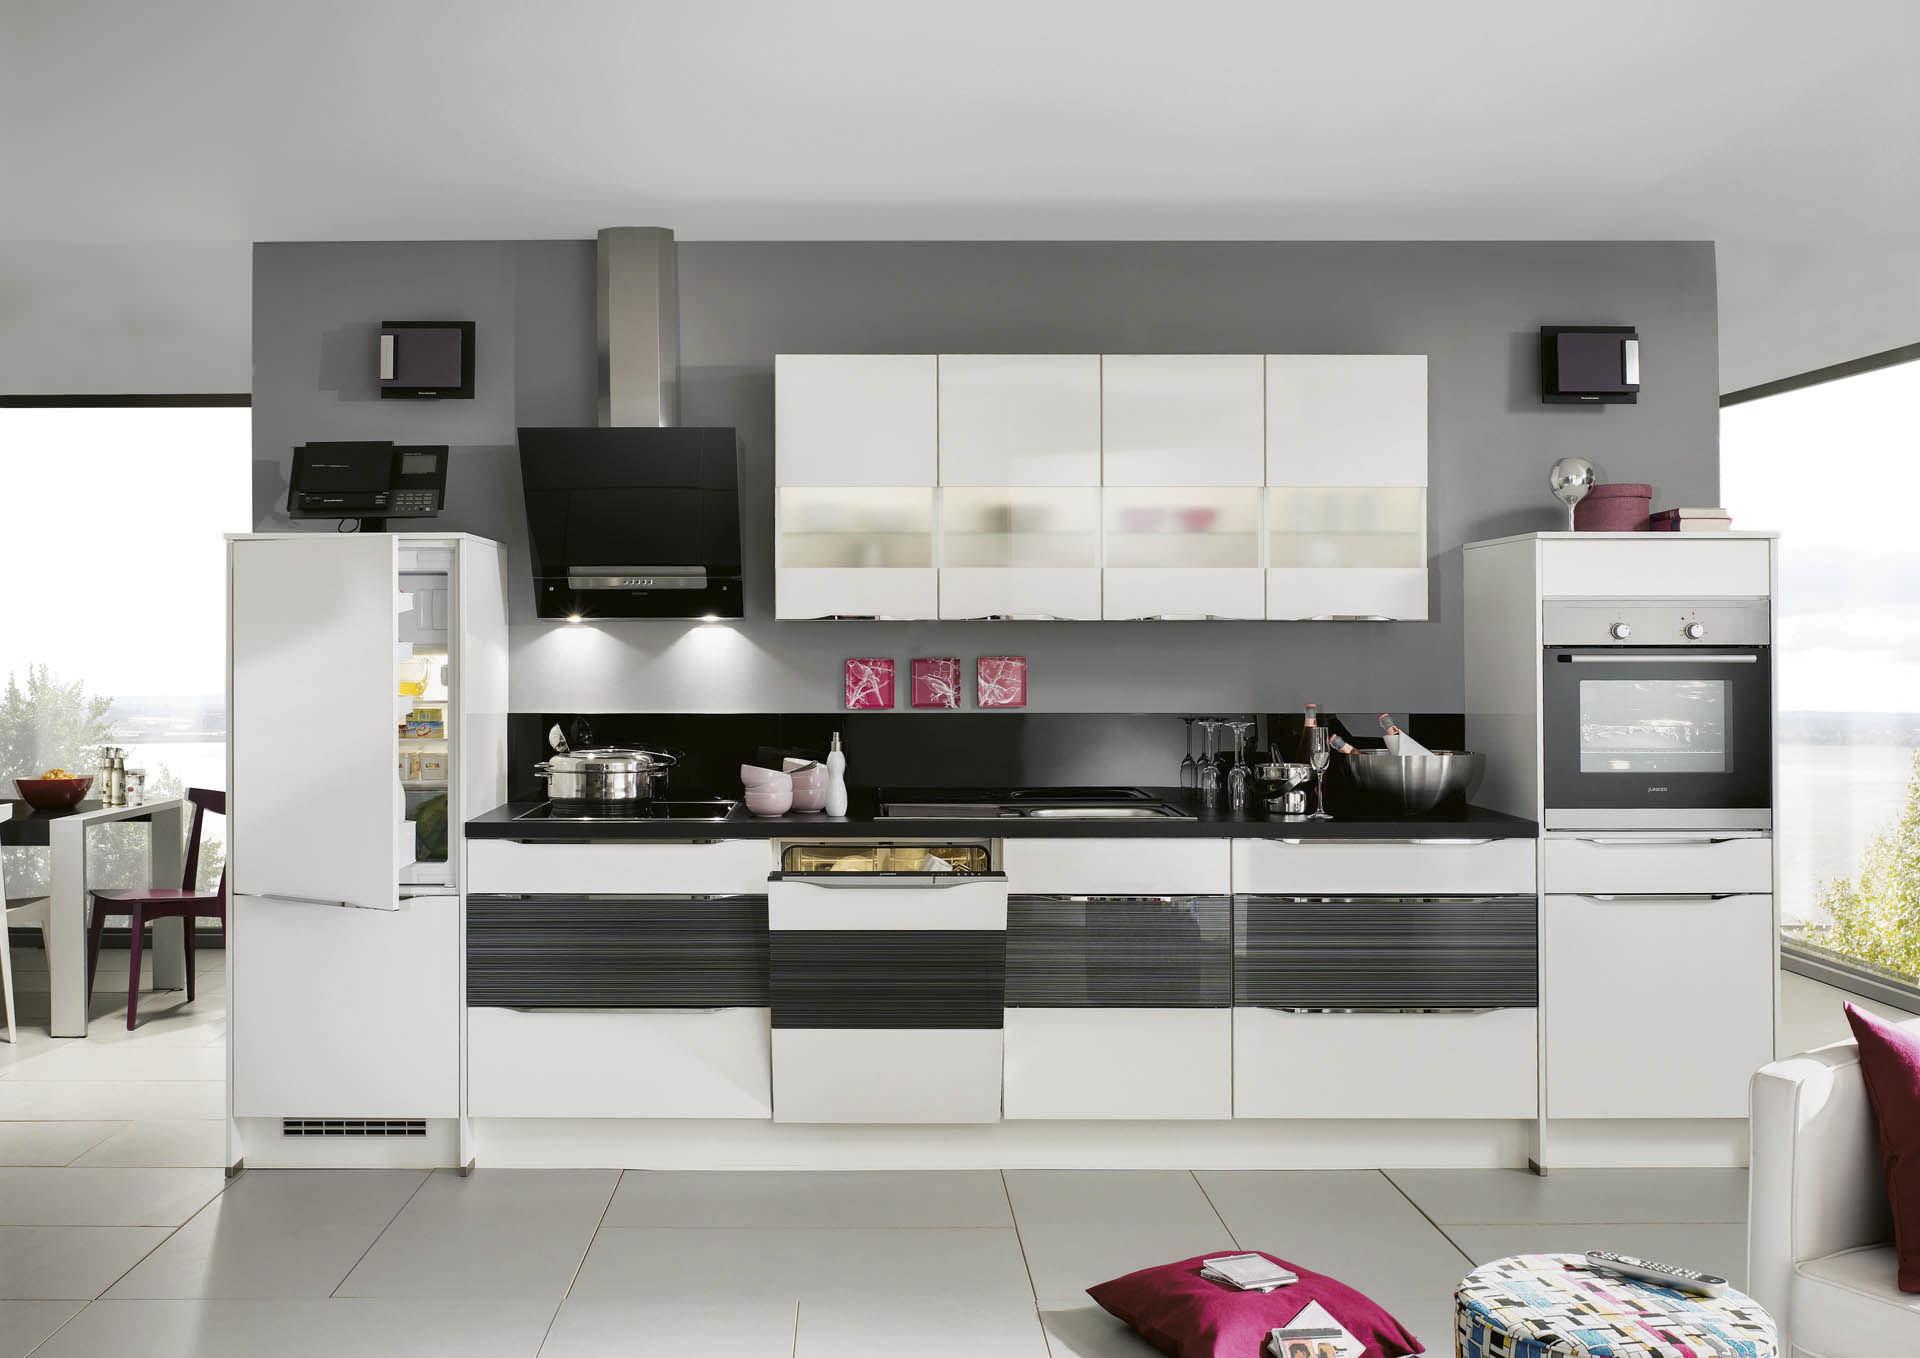 Emejing Küche Ohne Griffe Pictures - Farbideen fürs Wohnzimmer ...